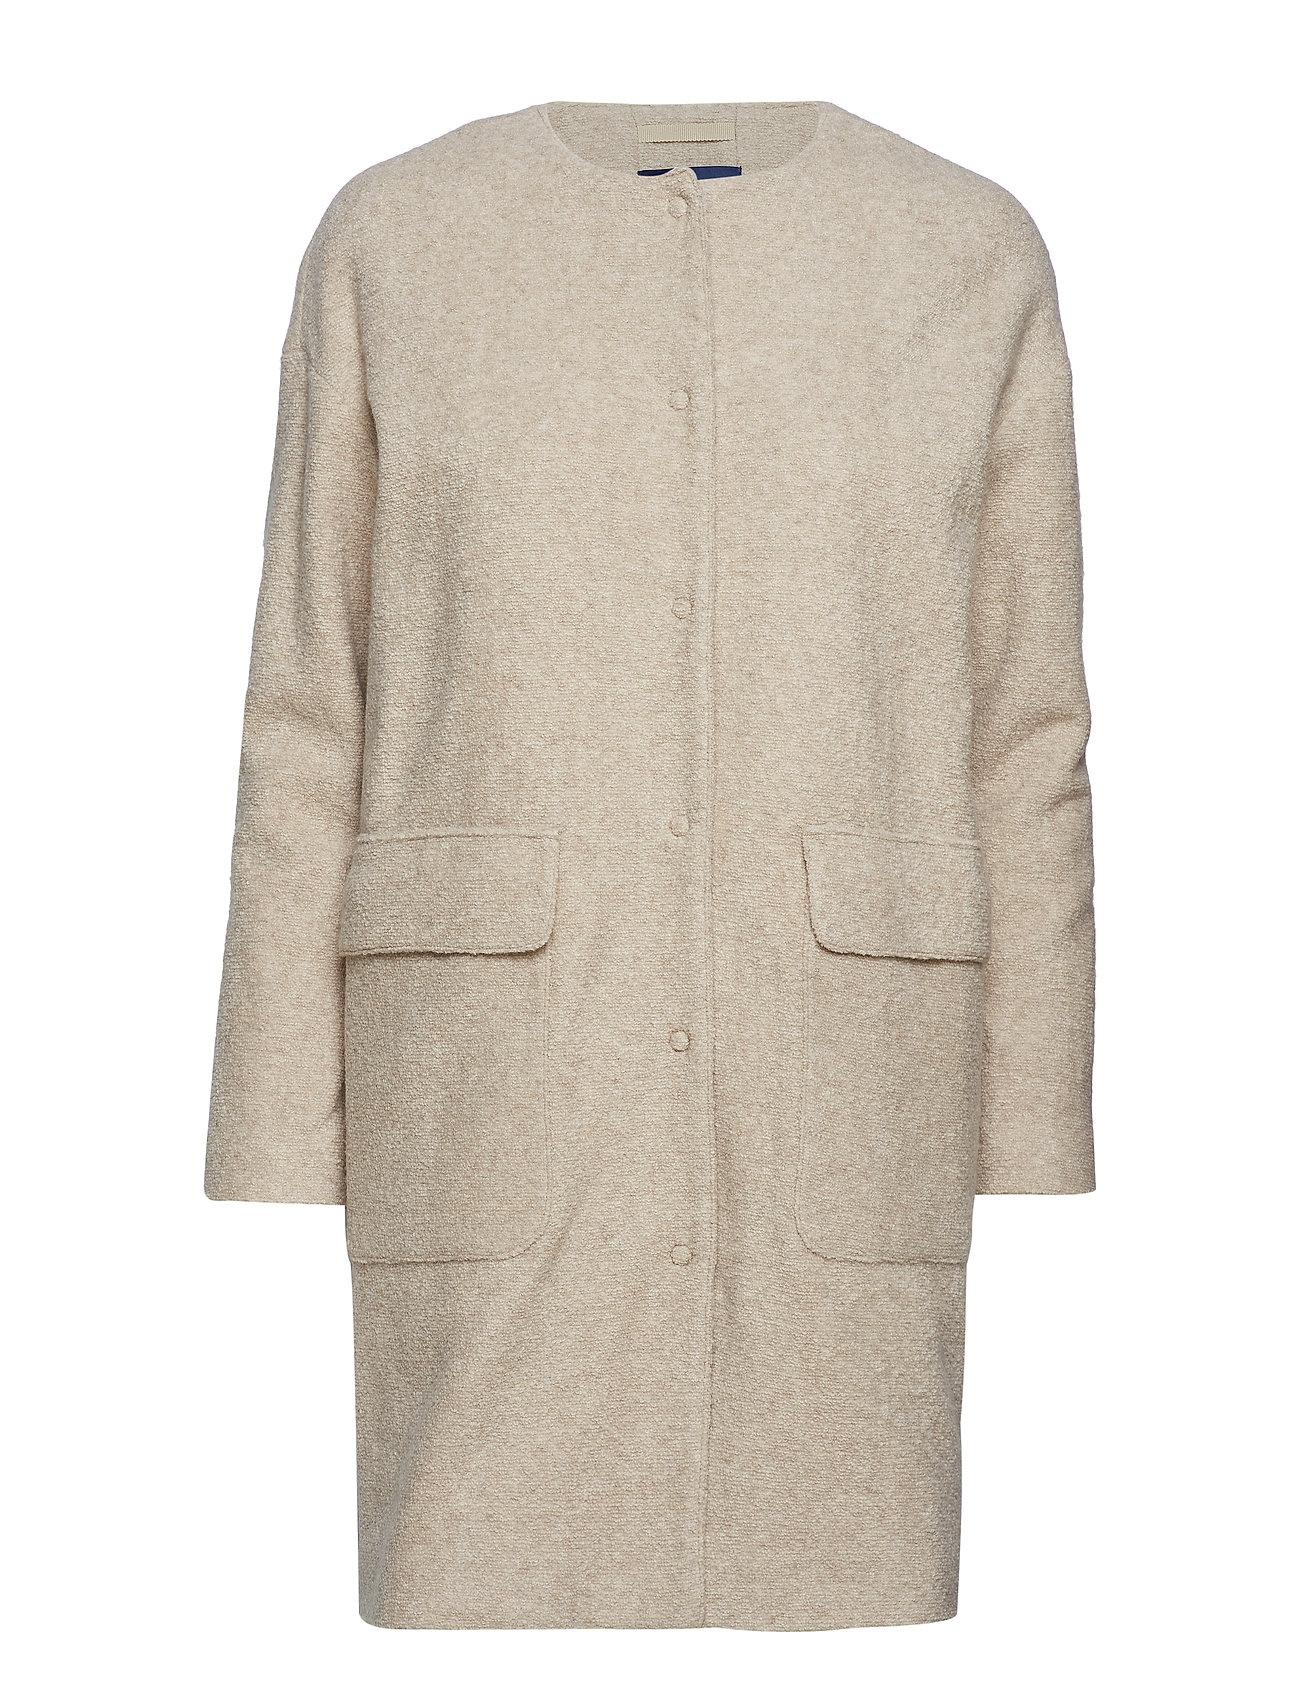 0fac28409 O2. Collarless Boiled Wool Coat (Manila Melange) (£245) - GANT ...